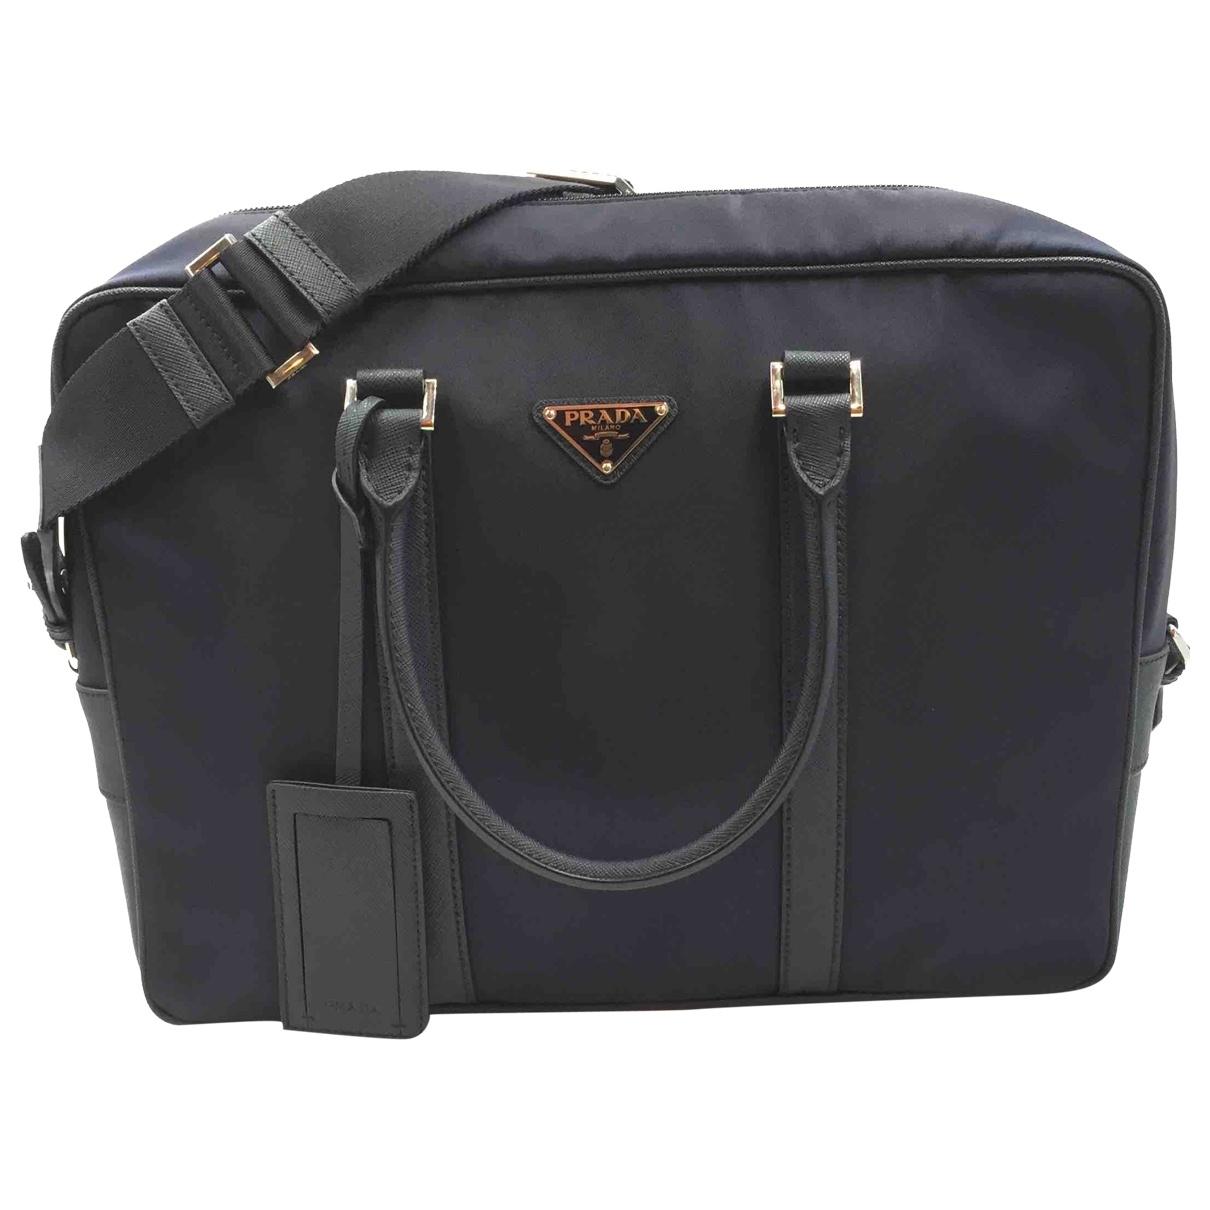 Prada \N Navy bag for Men \N